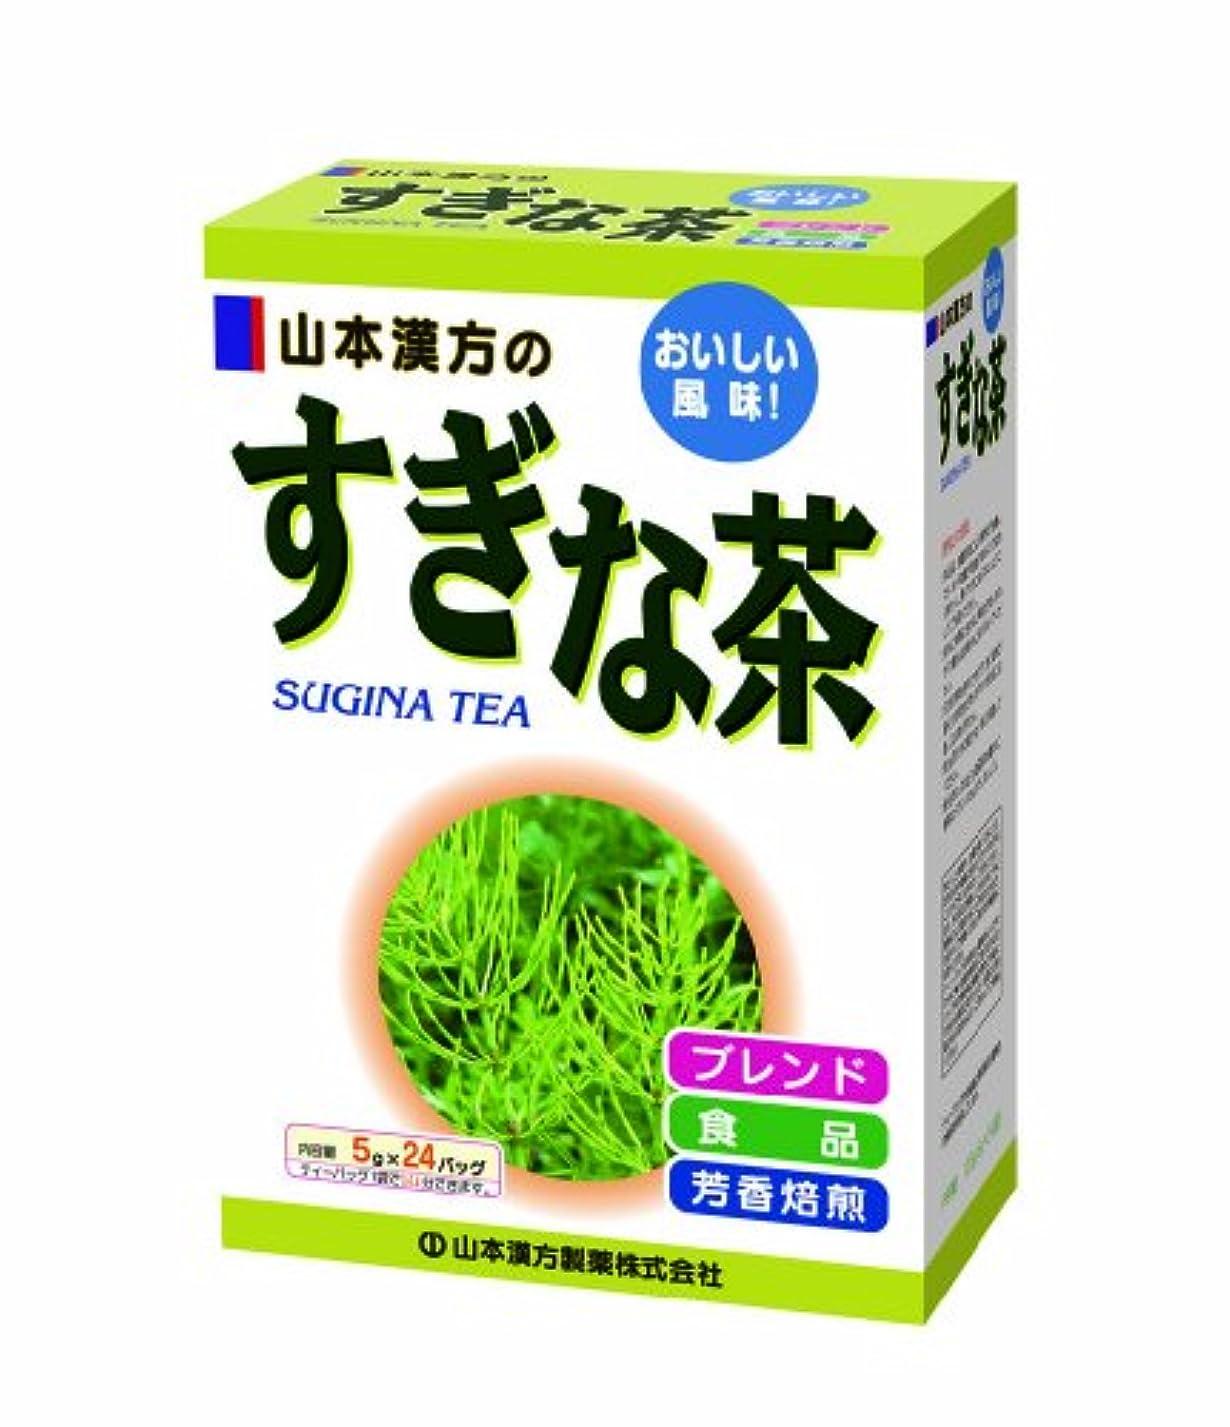 嫉妬ネーピアラジエーター山本漢方製薬 すぎな茶 5gX24H